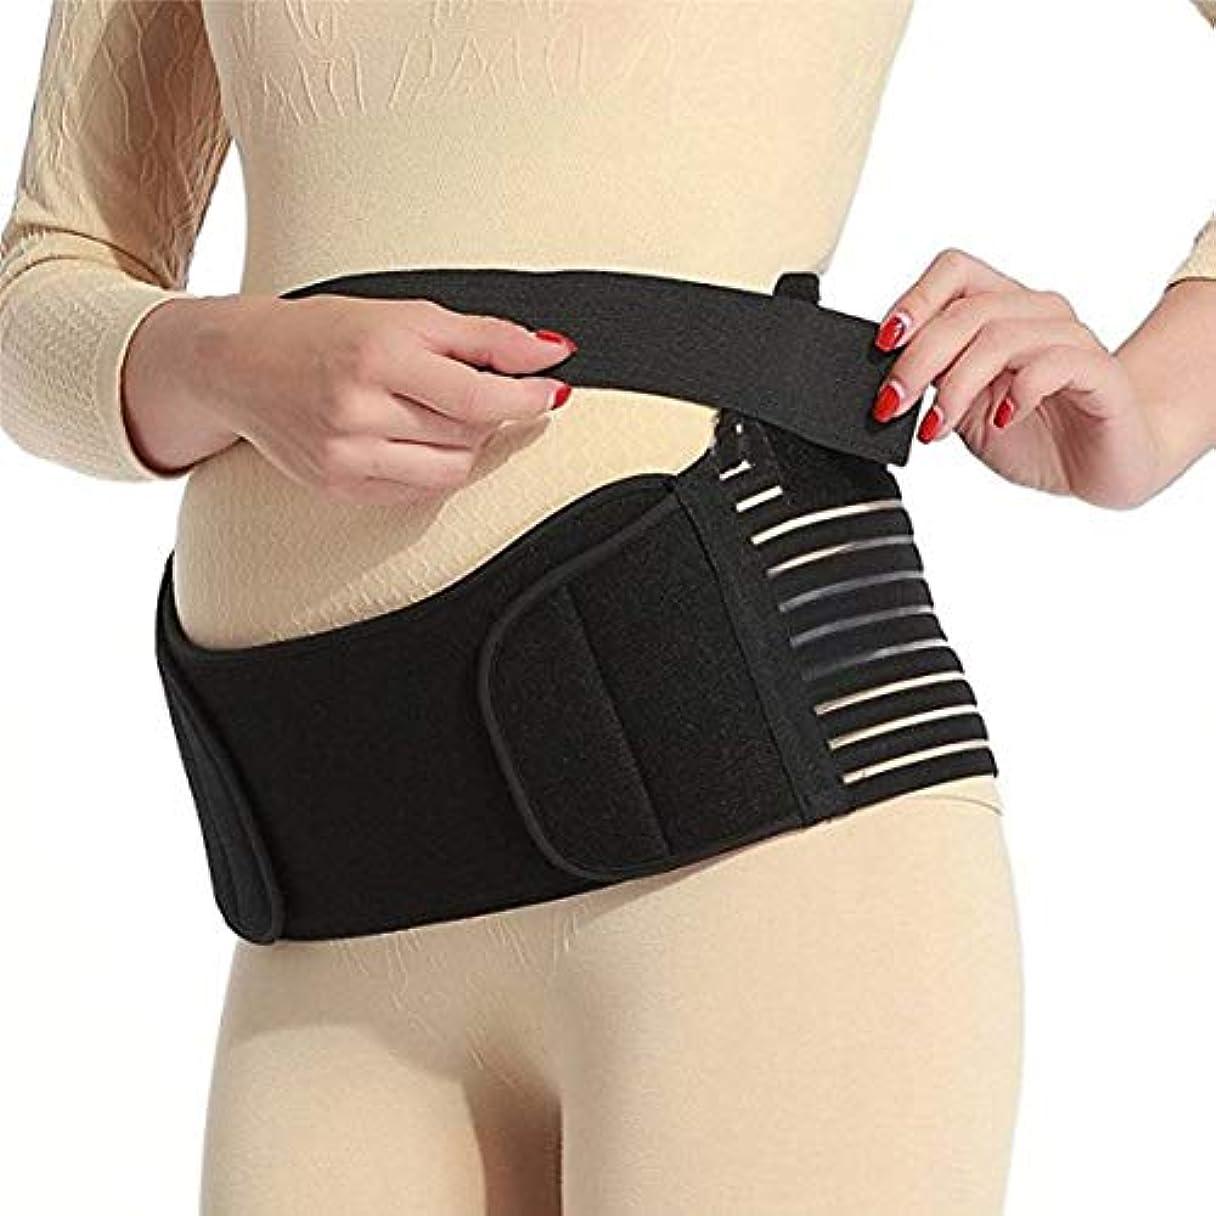 肘二層ダメージ通気性マタニティベルト妊娠中の腹部サポート腹部バインダーガードル運動包帯産後の回復shapewear - ブラックM